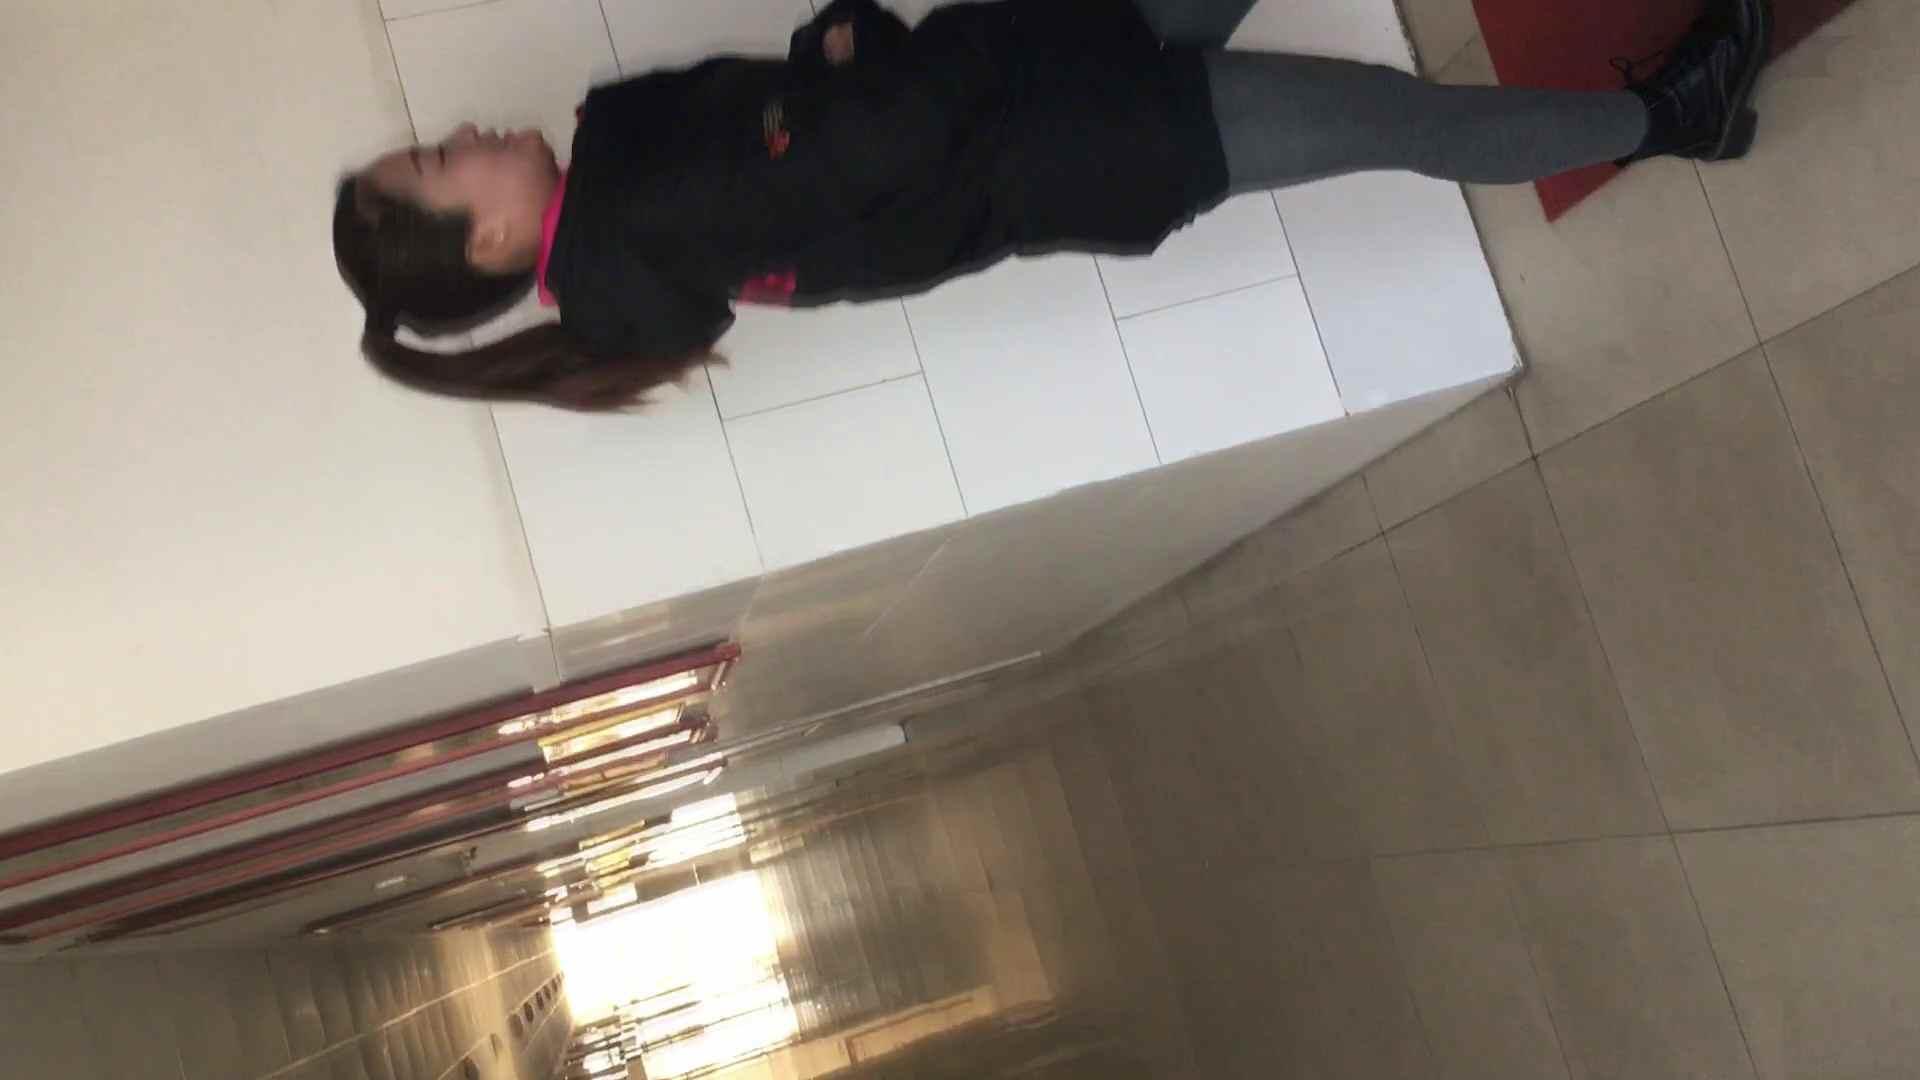 芸術大学ガチ潜入盗撮 JD盗撮 美女の洗面所の秘密 Vol.81 盗撮  62PIX 24